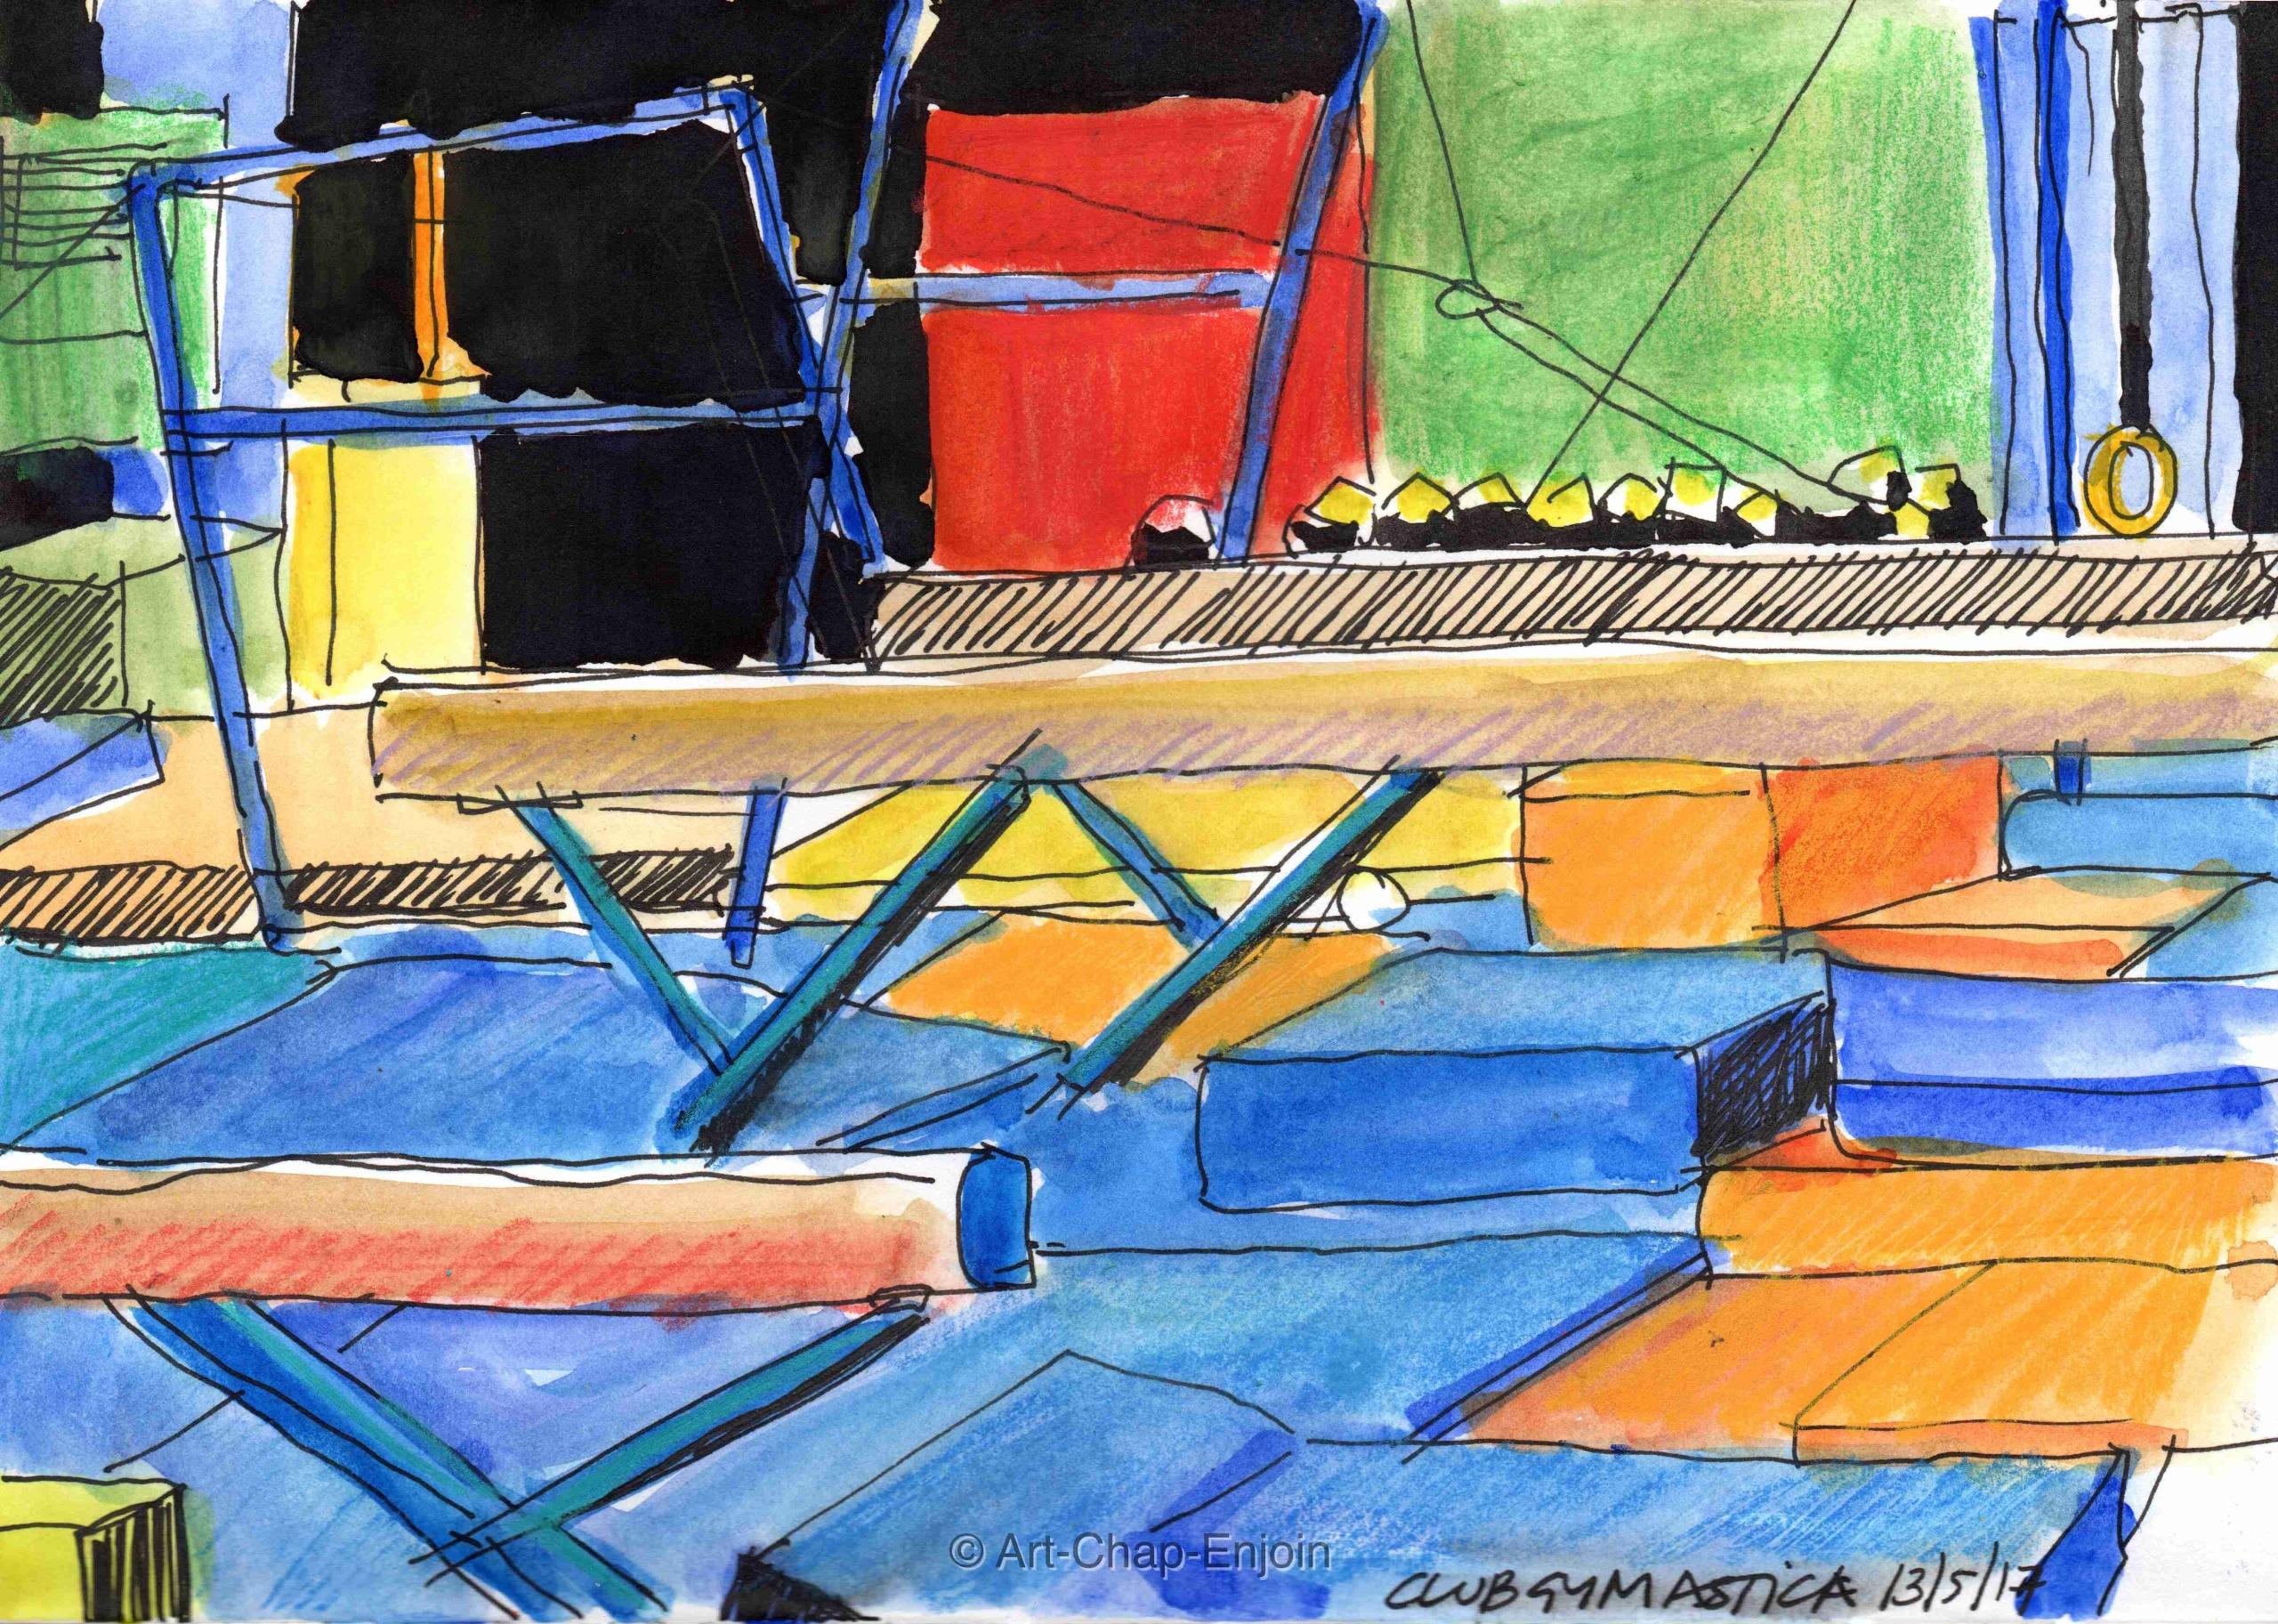 – Club Gymastica tire sketching - artchapenjoin | ello